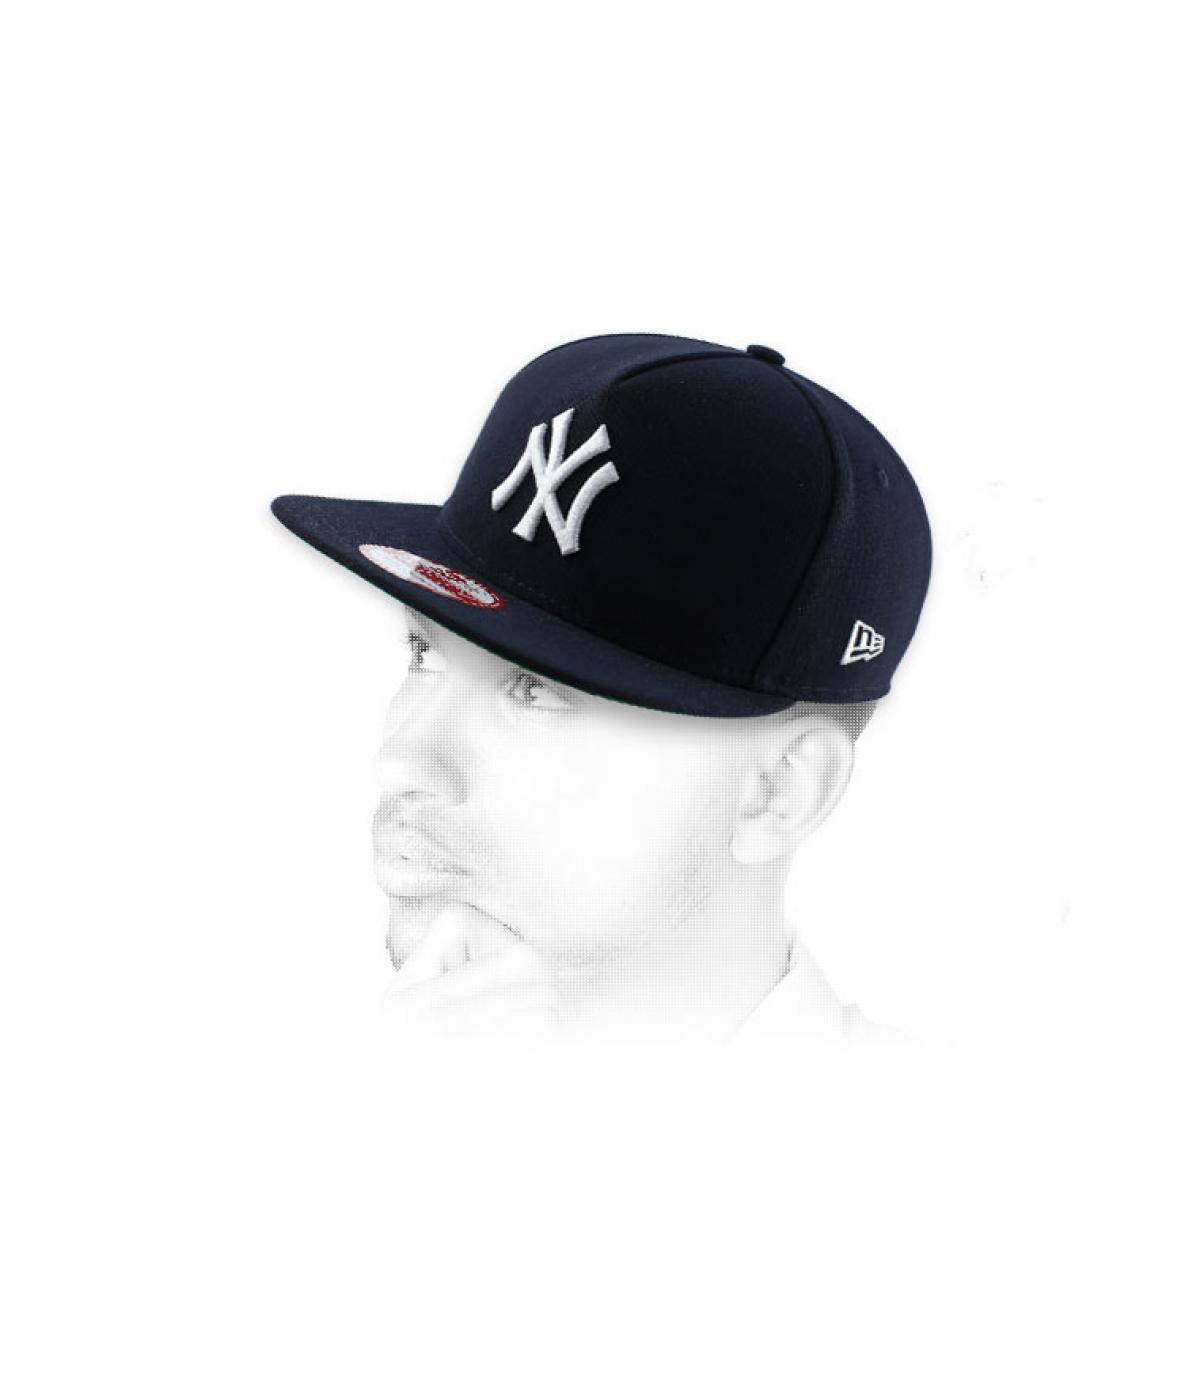 black NY snapback